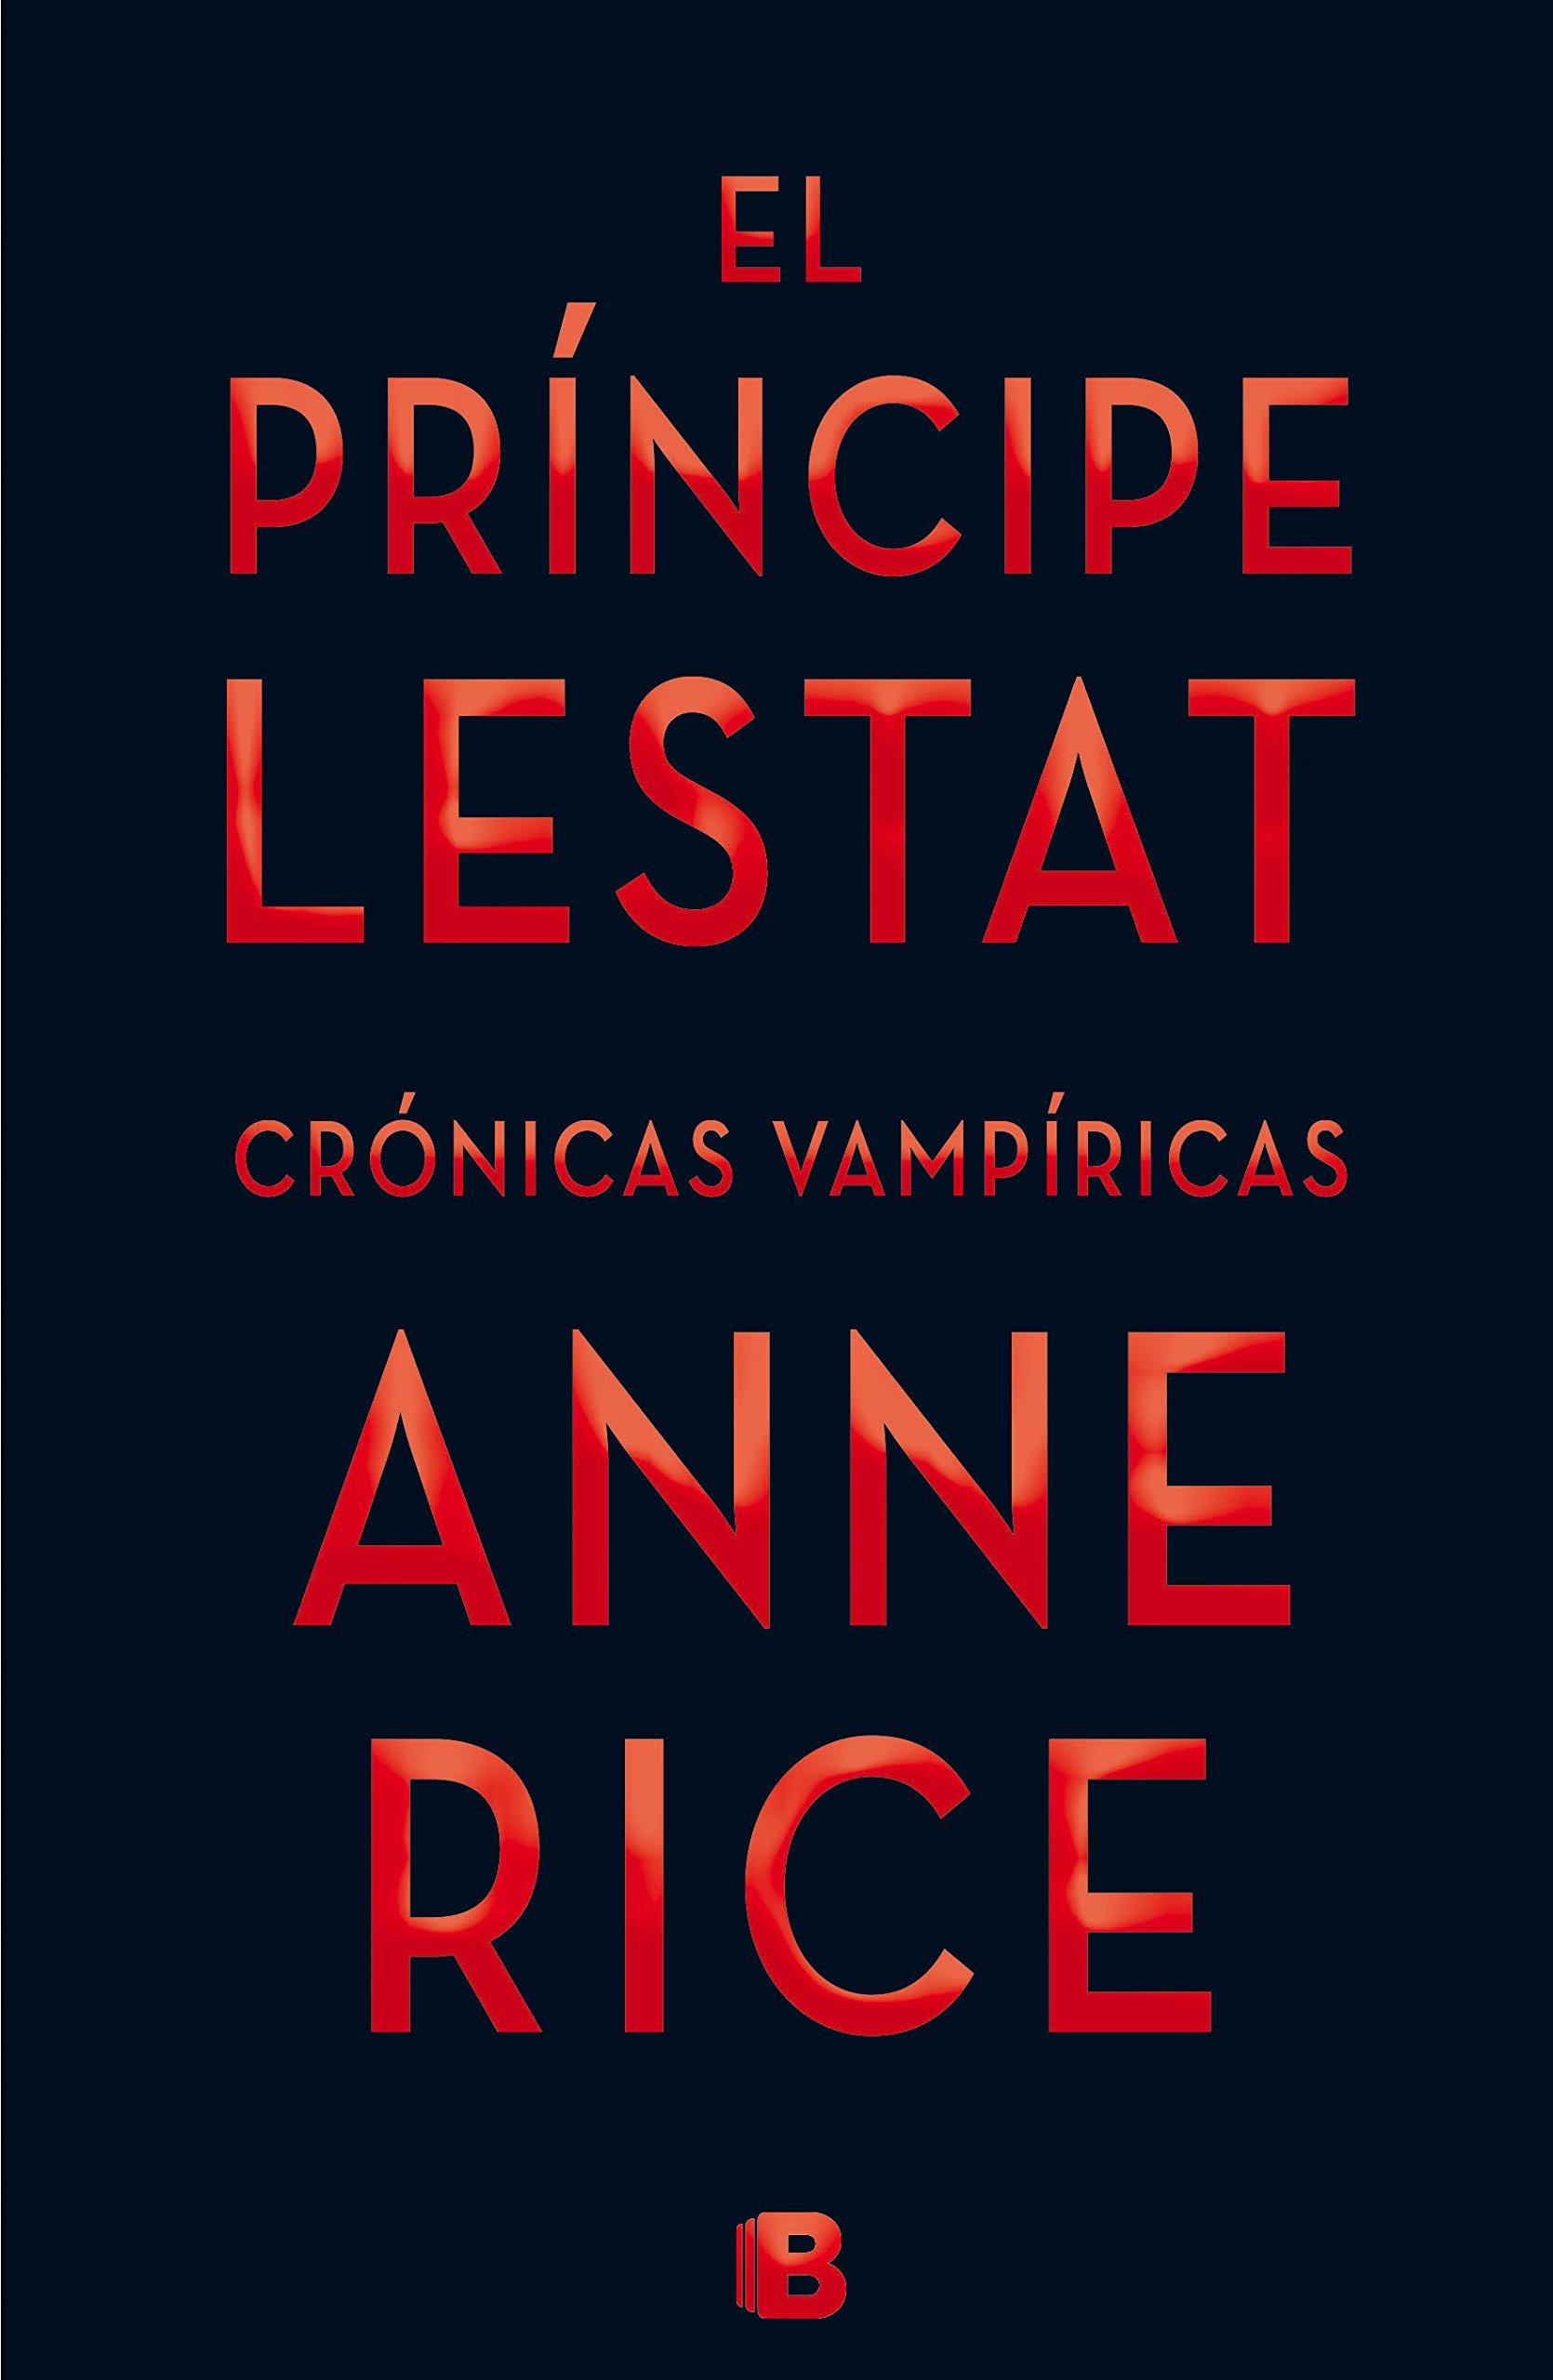 principe Cronicas Vampiricas Vampire Chronicles